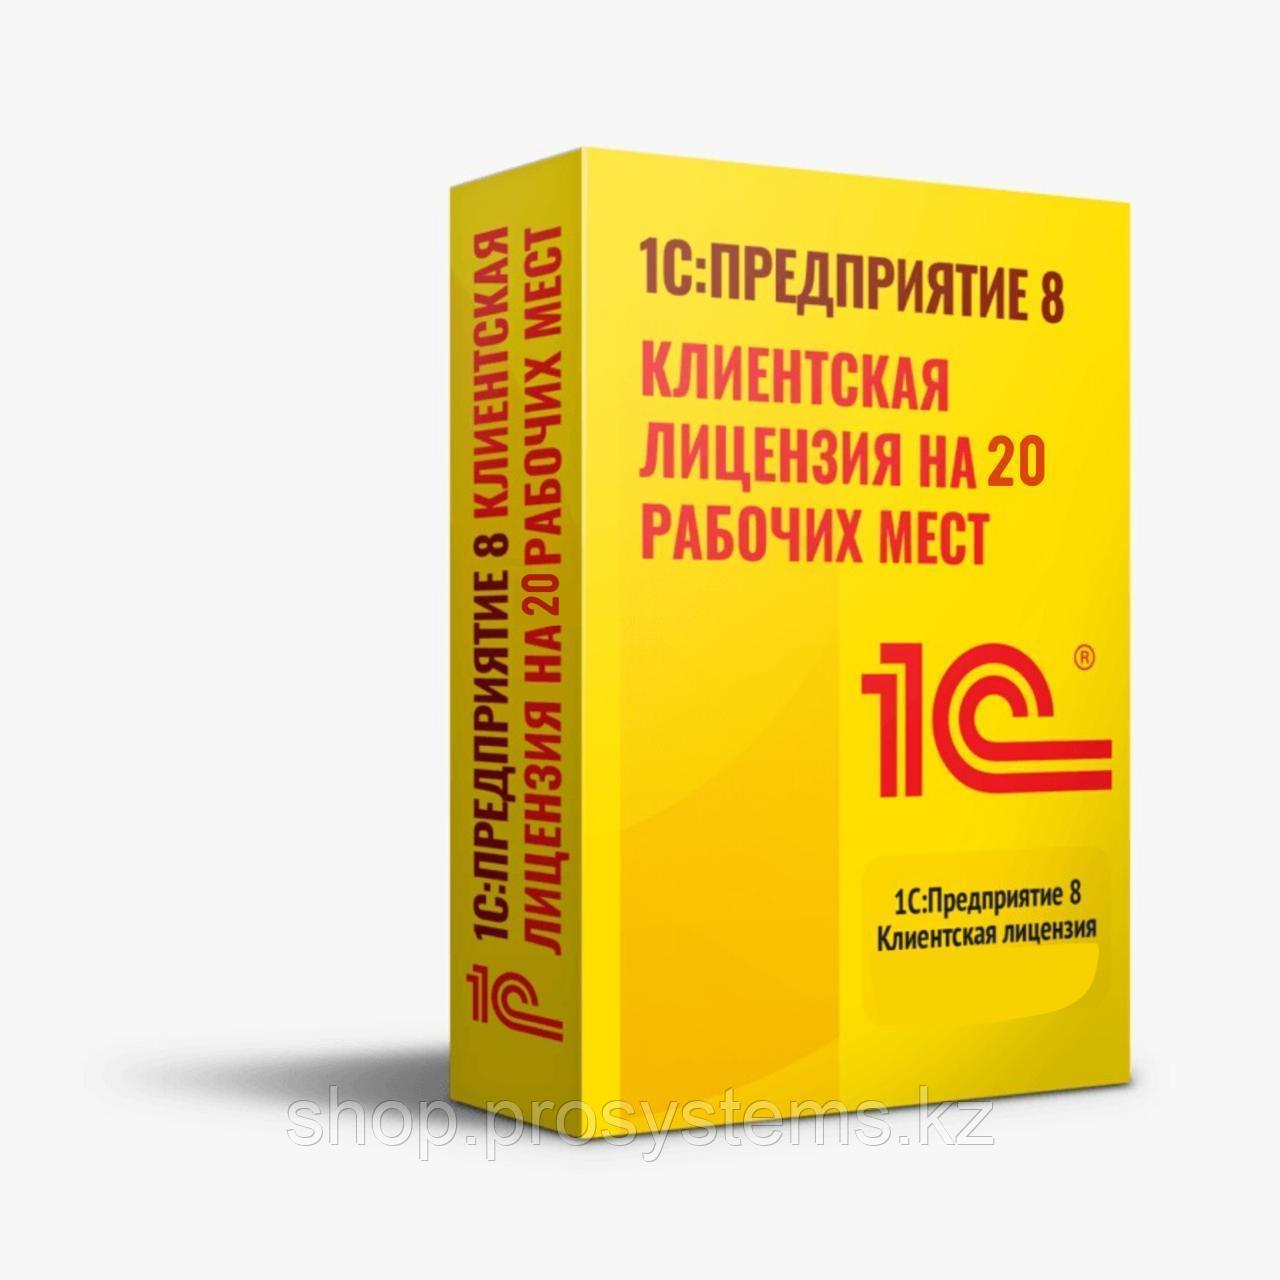 1С:Предприятие 8. Клиентская лицензия на 20 рабочих мест